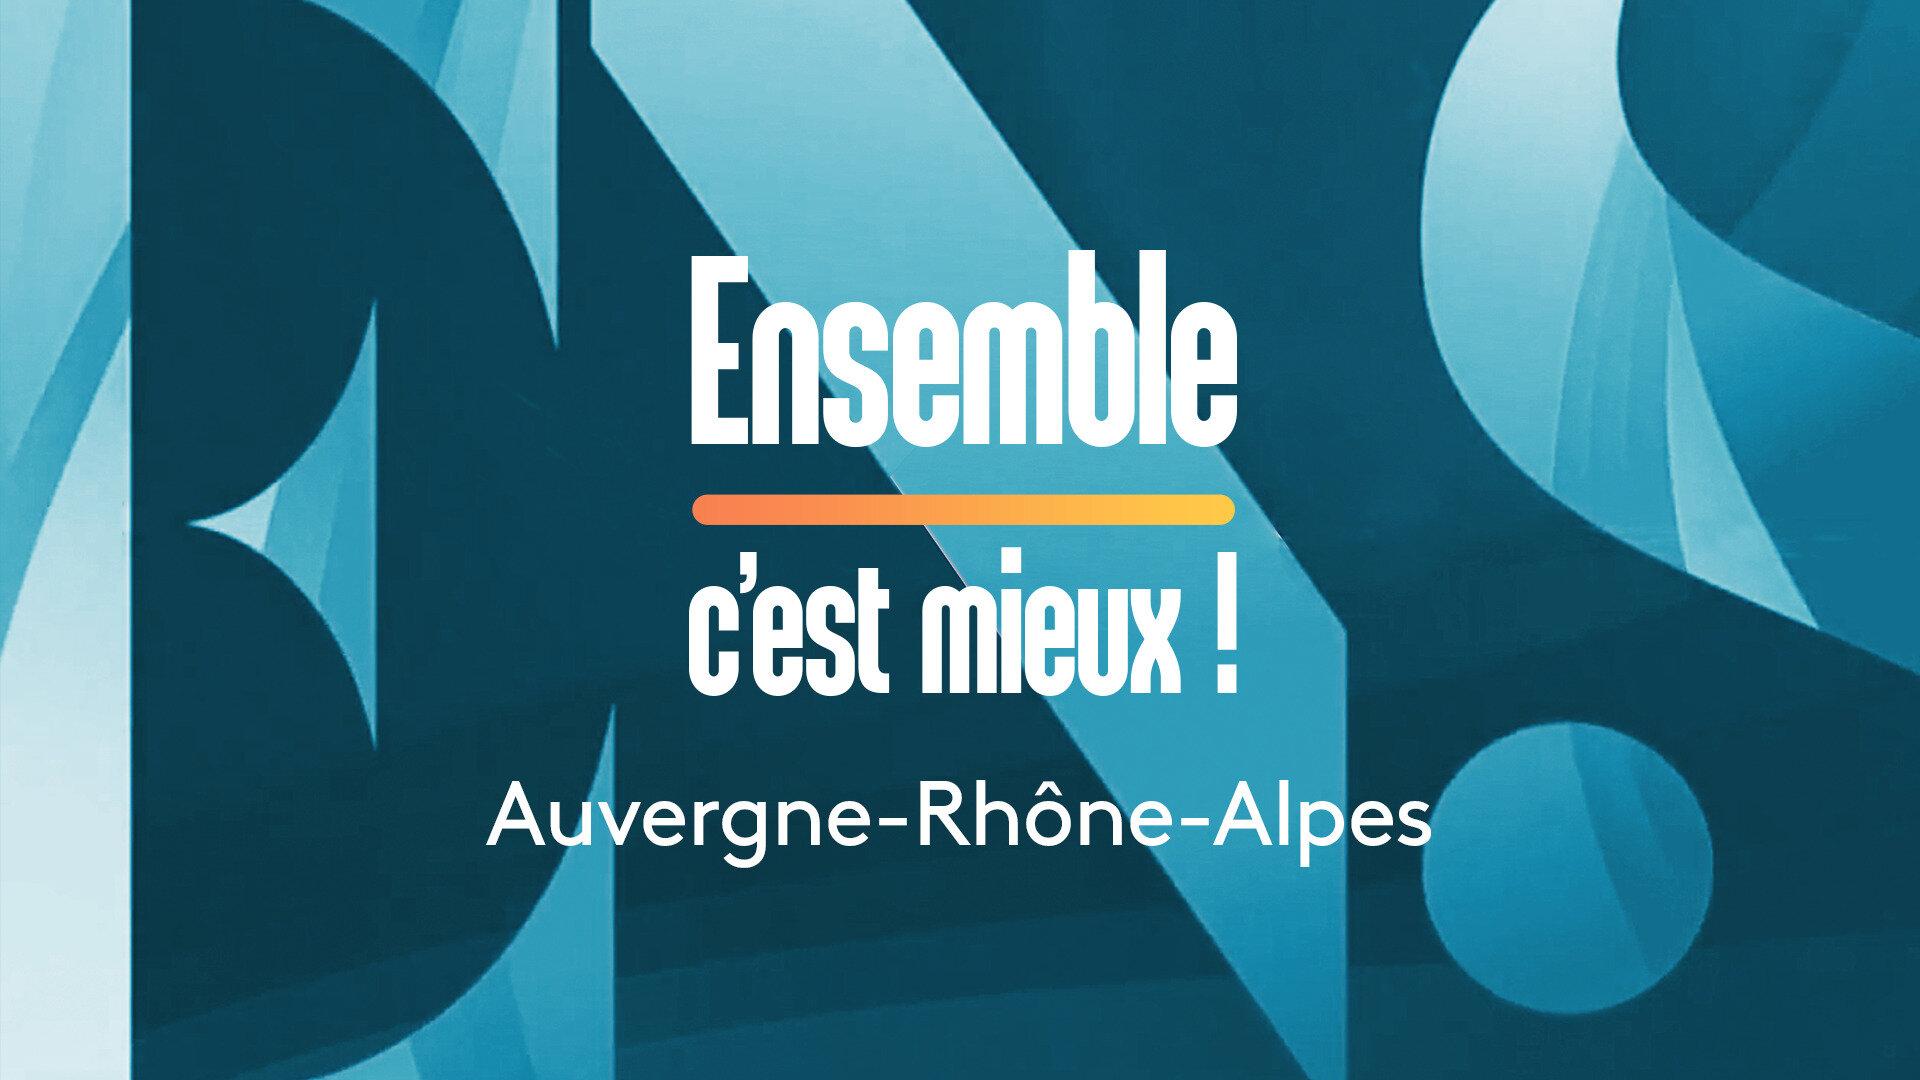 Ensemble c'est mieux ! Alpes-Auvergne-Rhône-Alpes : Nous paysans - Labels, appellations, médailles : ont-ils toujours la côte auprès des viticulteurs ?